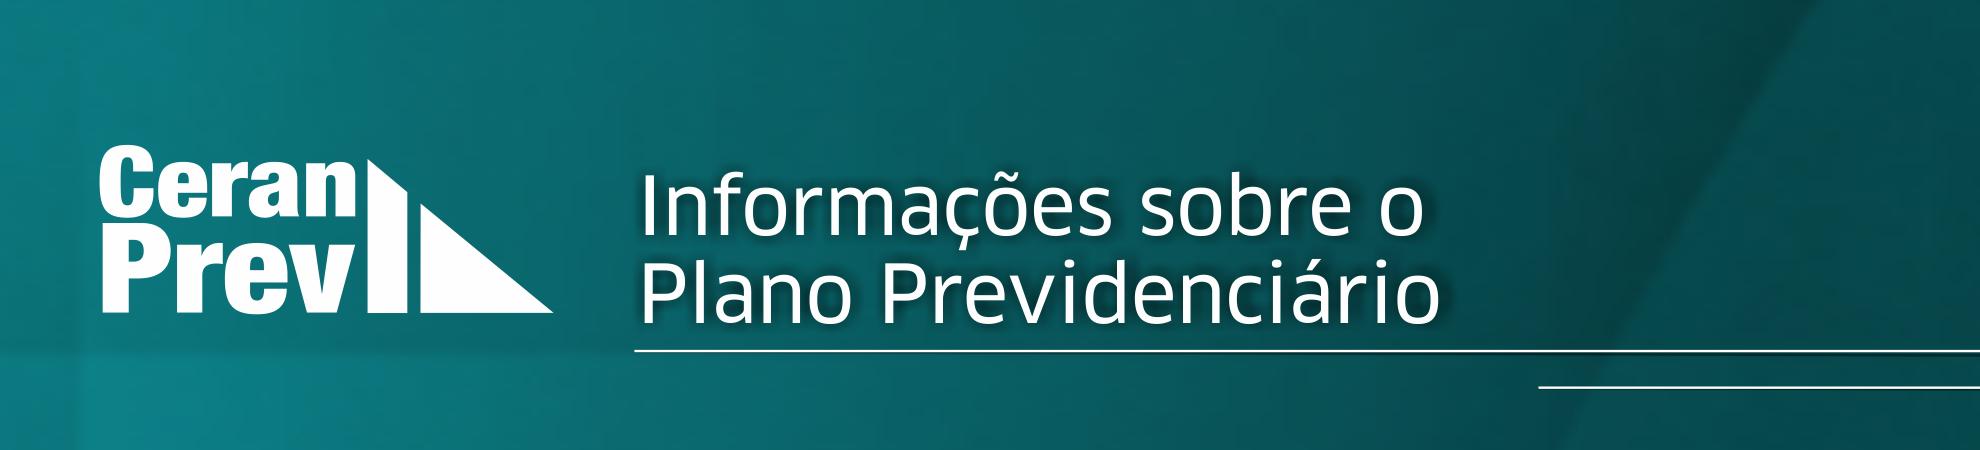 cabecalho_informacoes_ceran